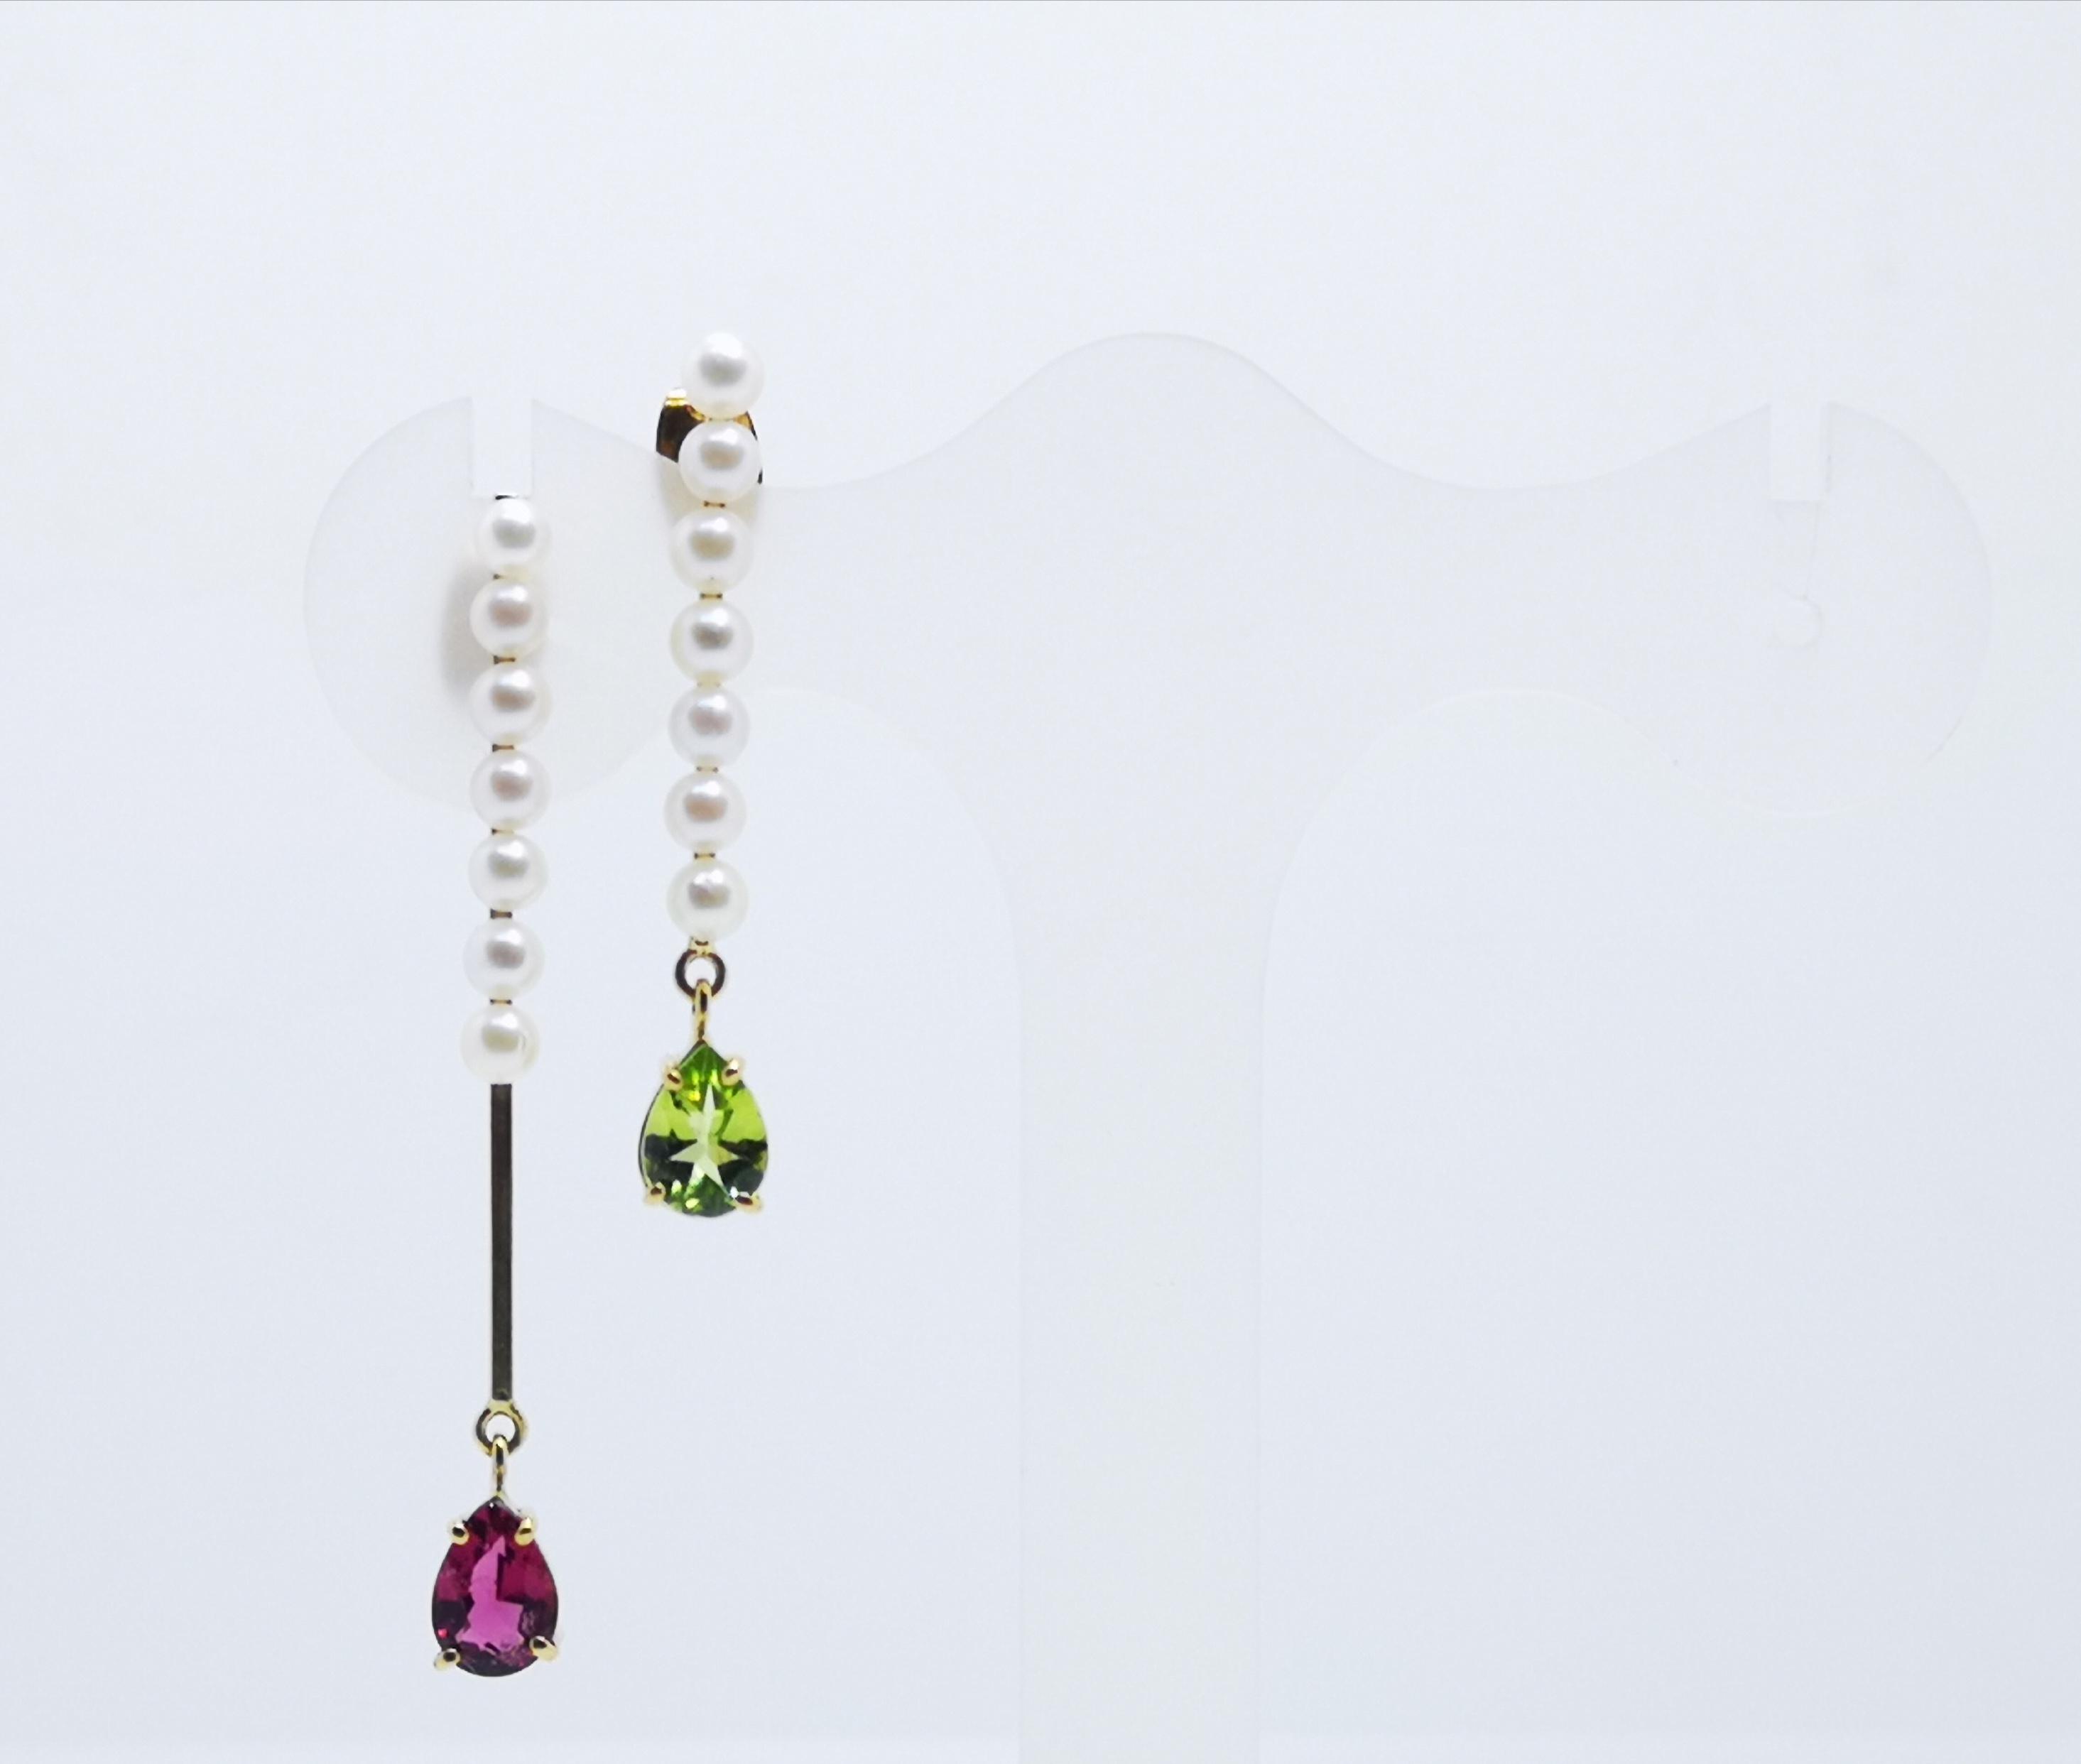 Earrings in 18kt gold with Peridot, Rhodalite & Pearls